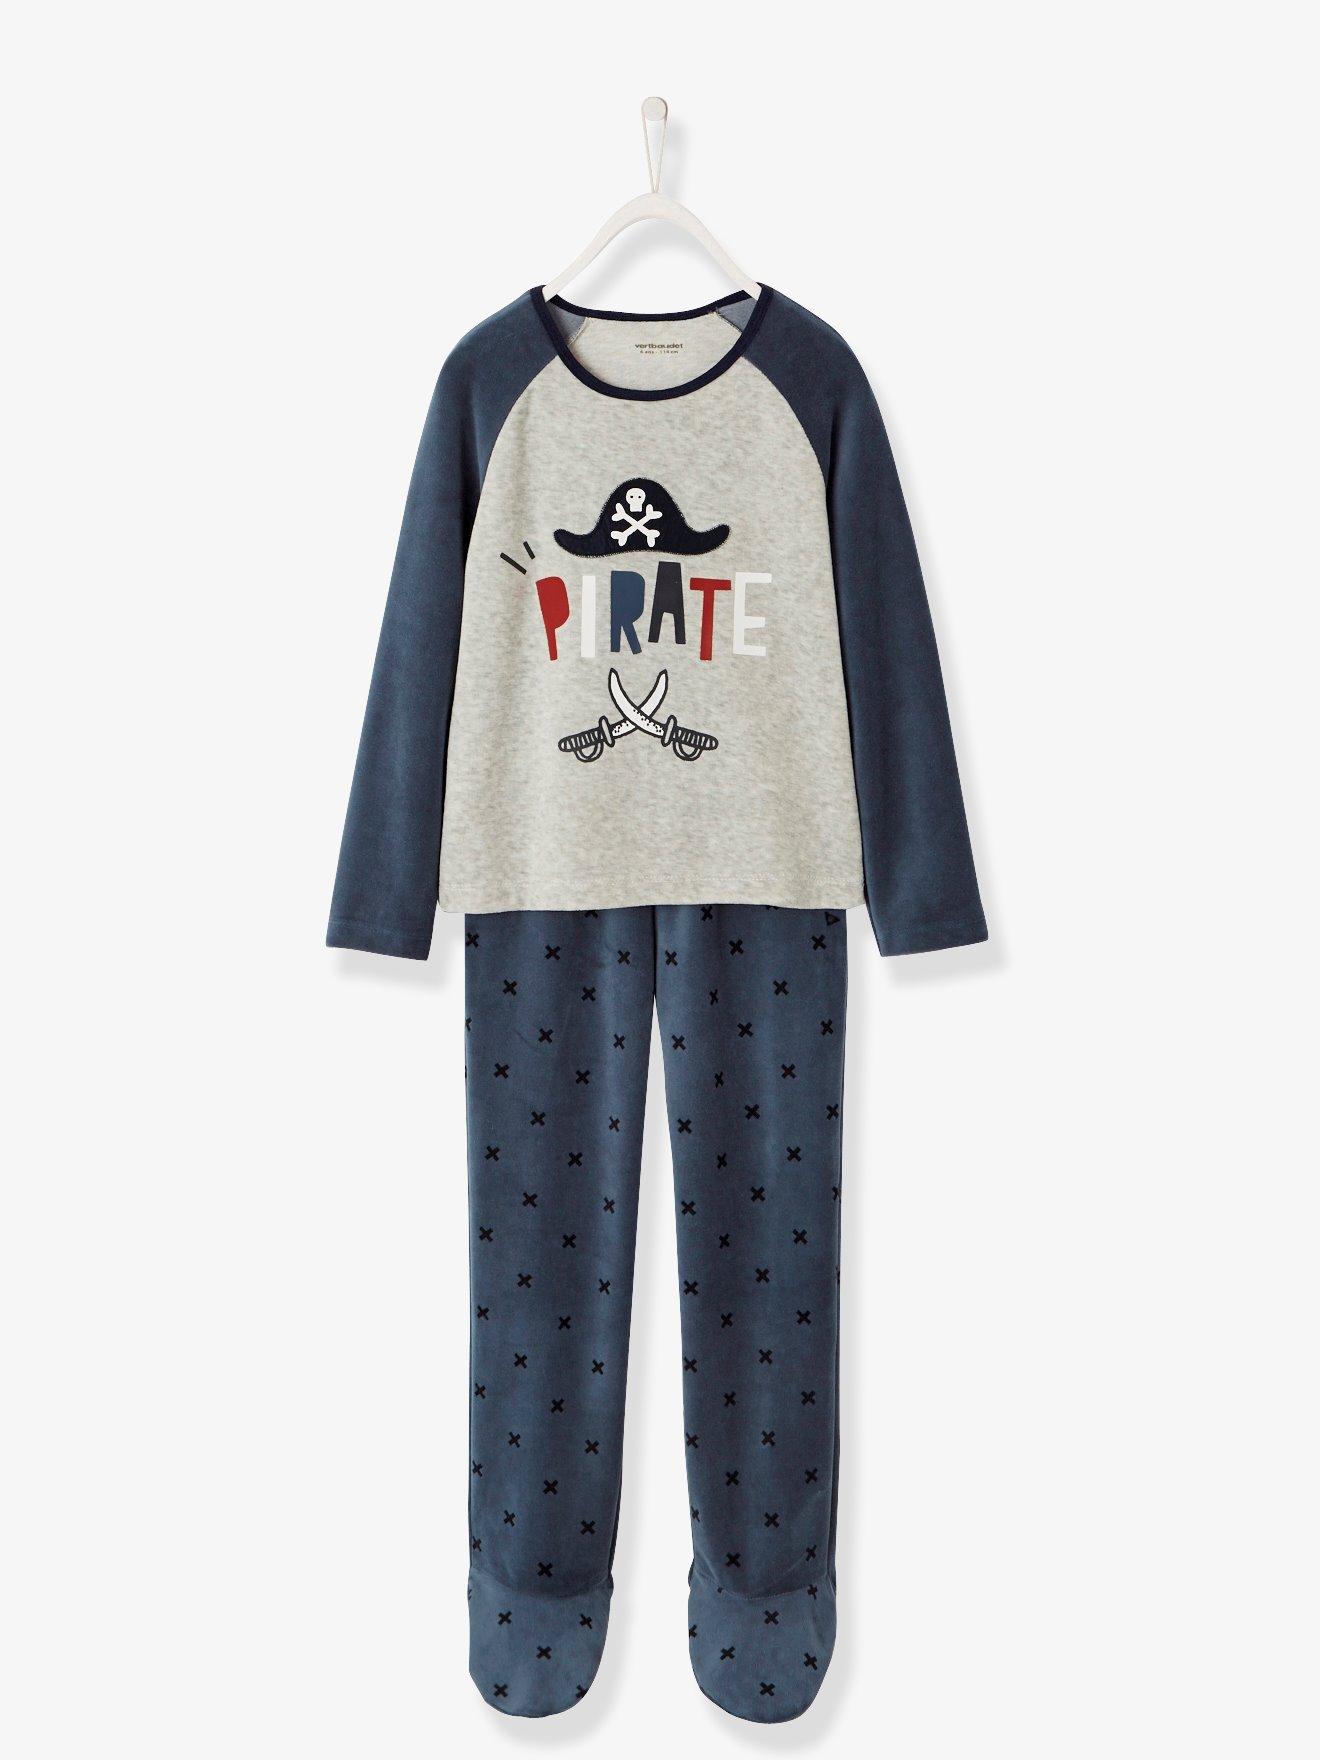 Pijama de terciopelo niño con pies azul oscuro liso con motivos 99262236c978